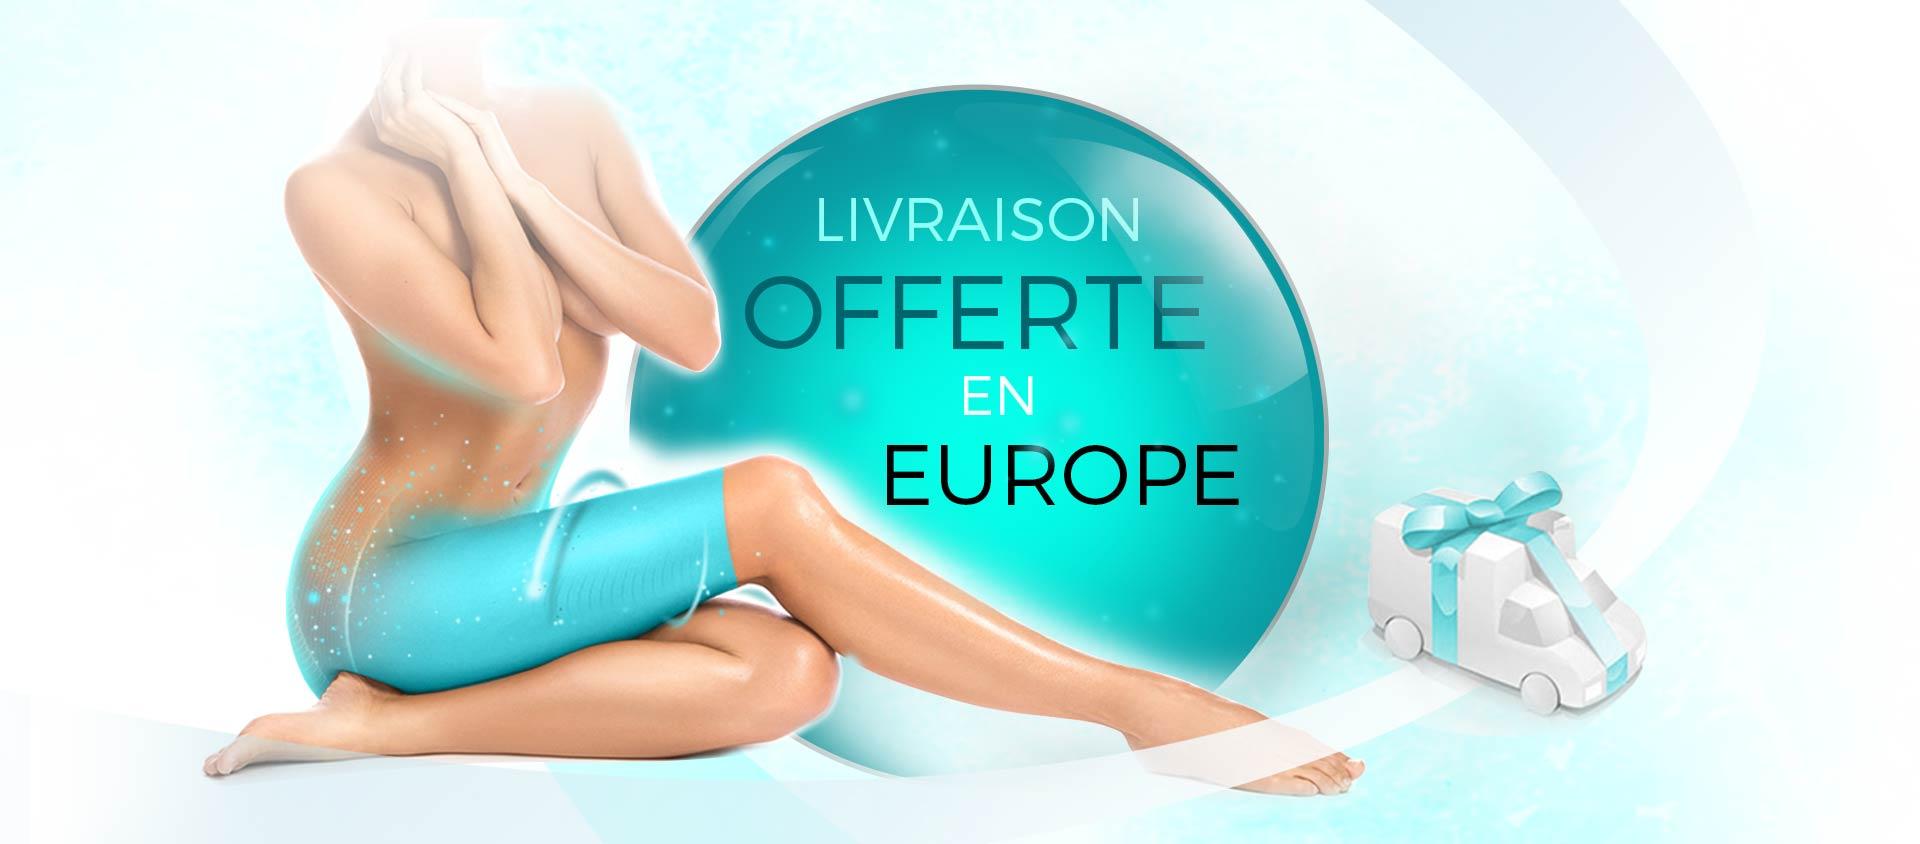 Livraison offerte en Europe